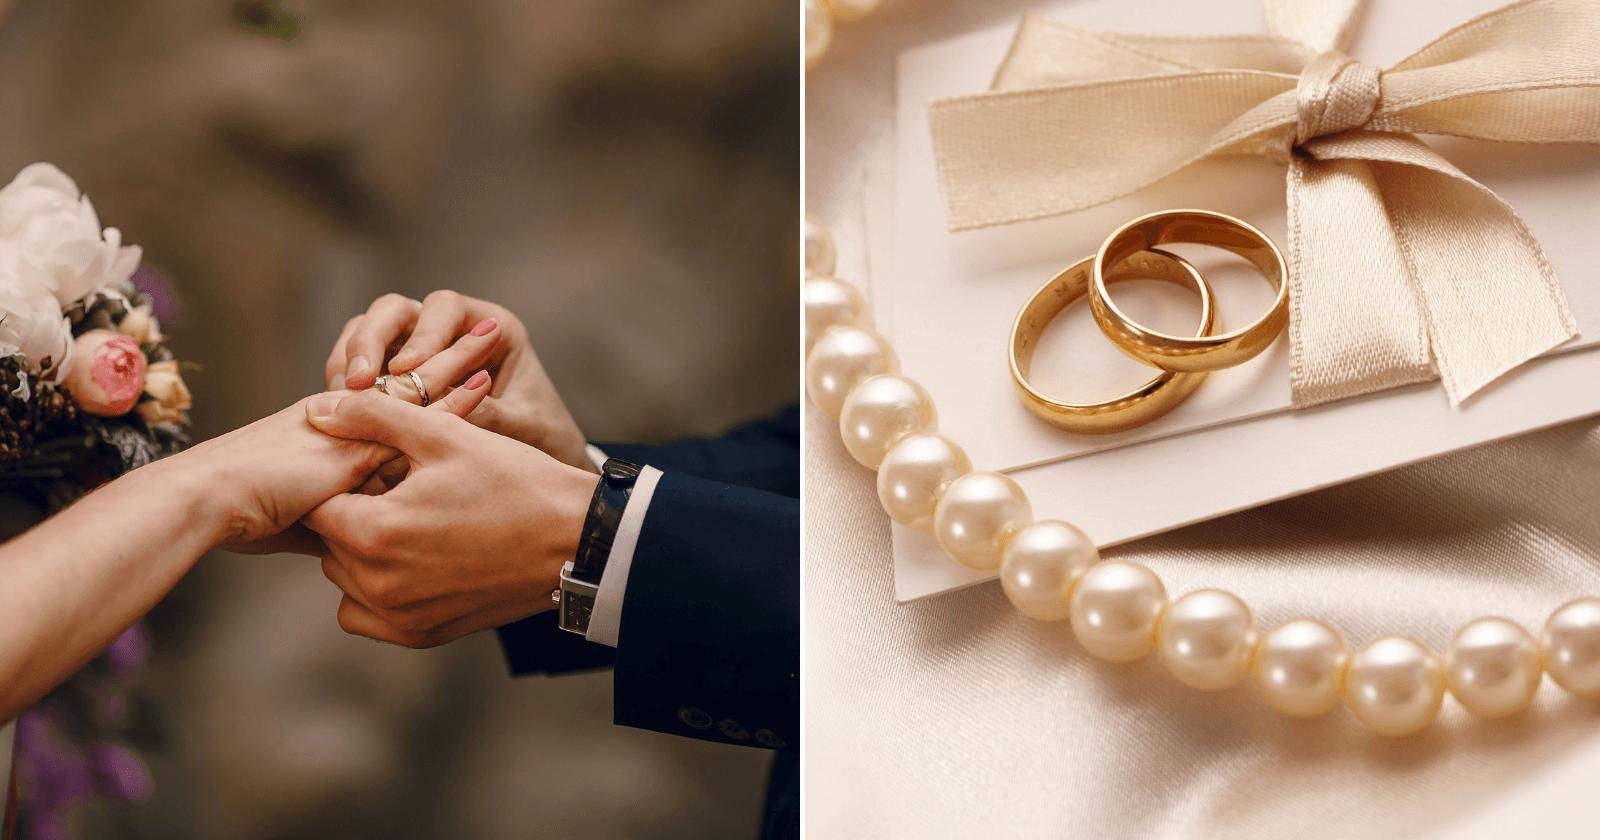 112 frases para convite de casamento: muito amor e criatividade!